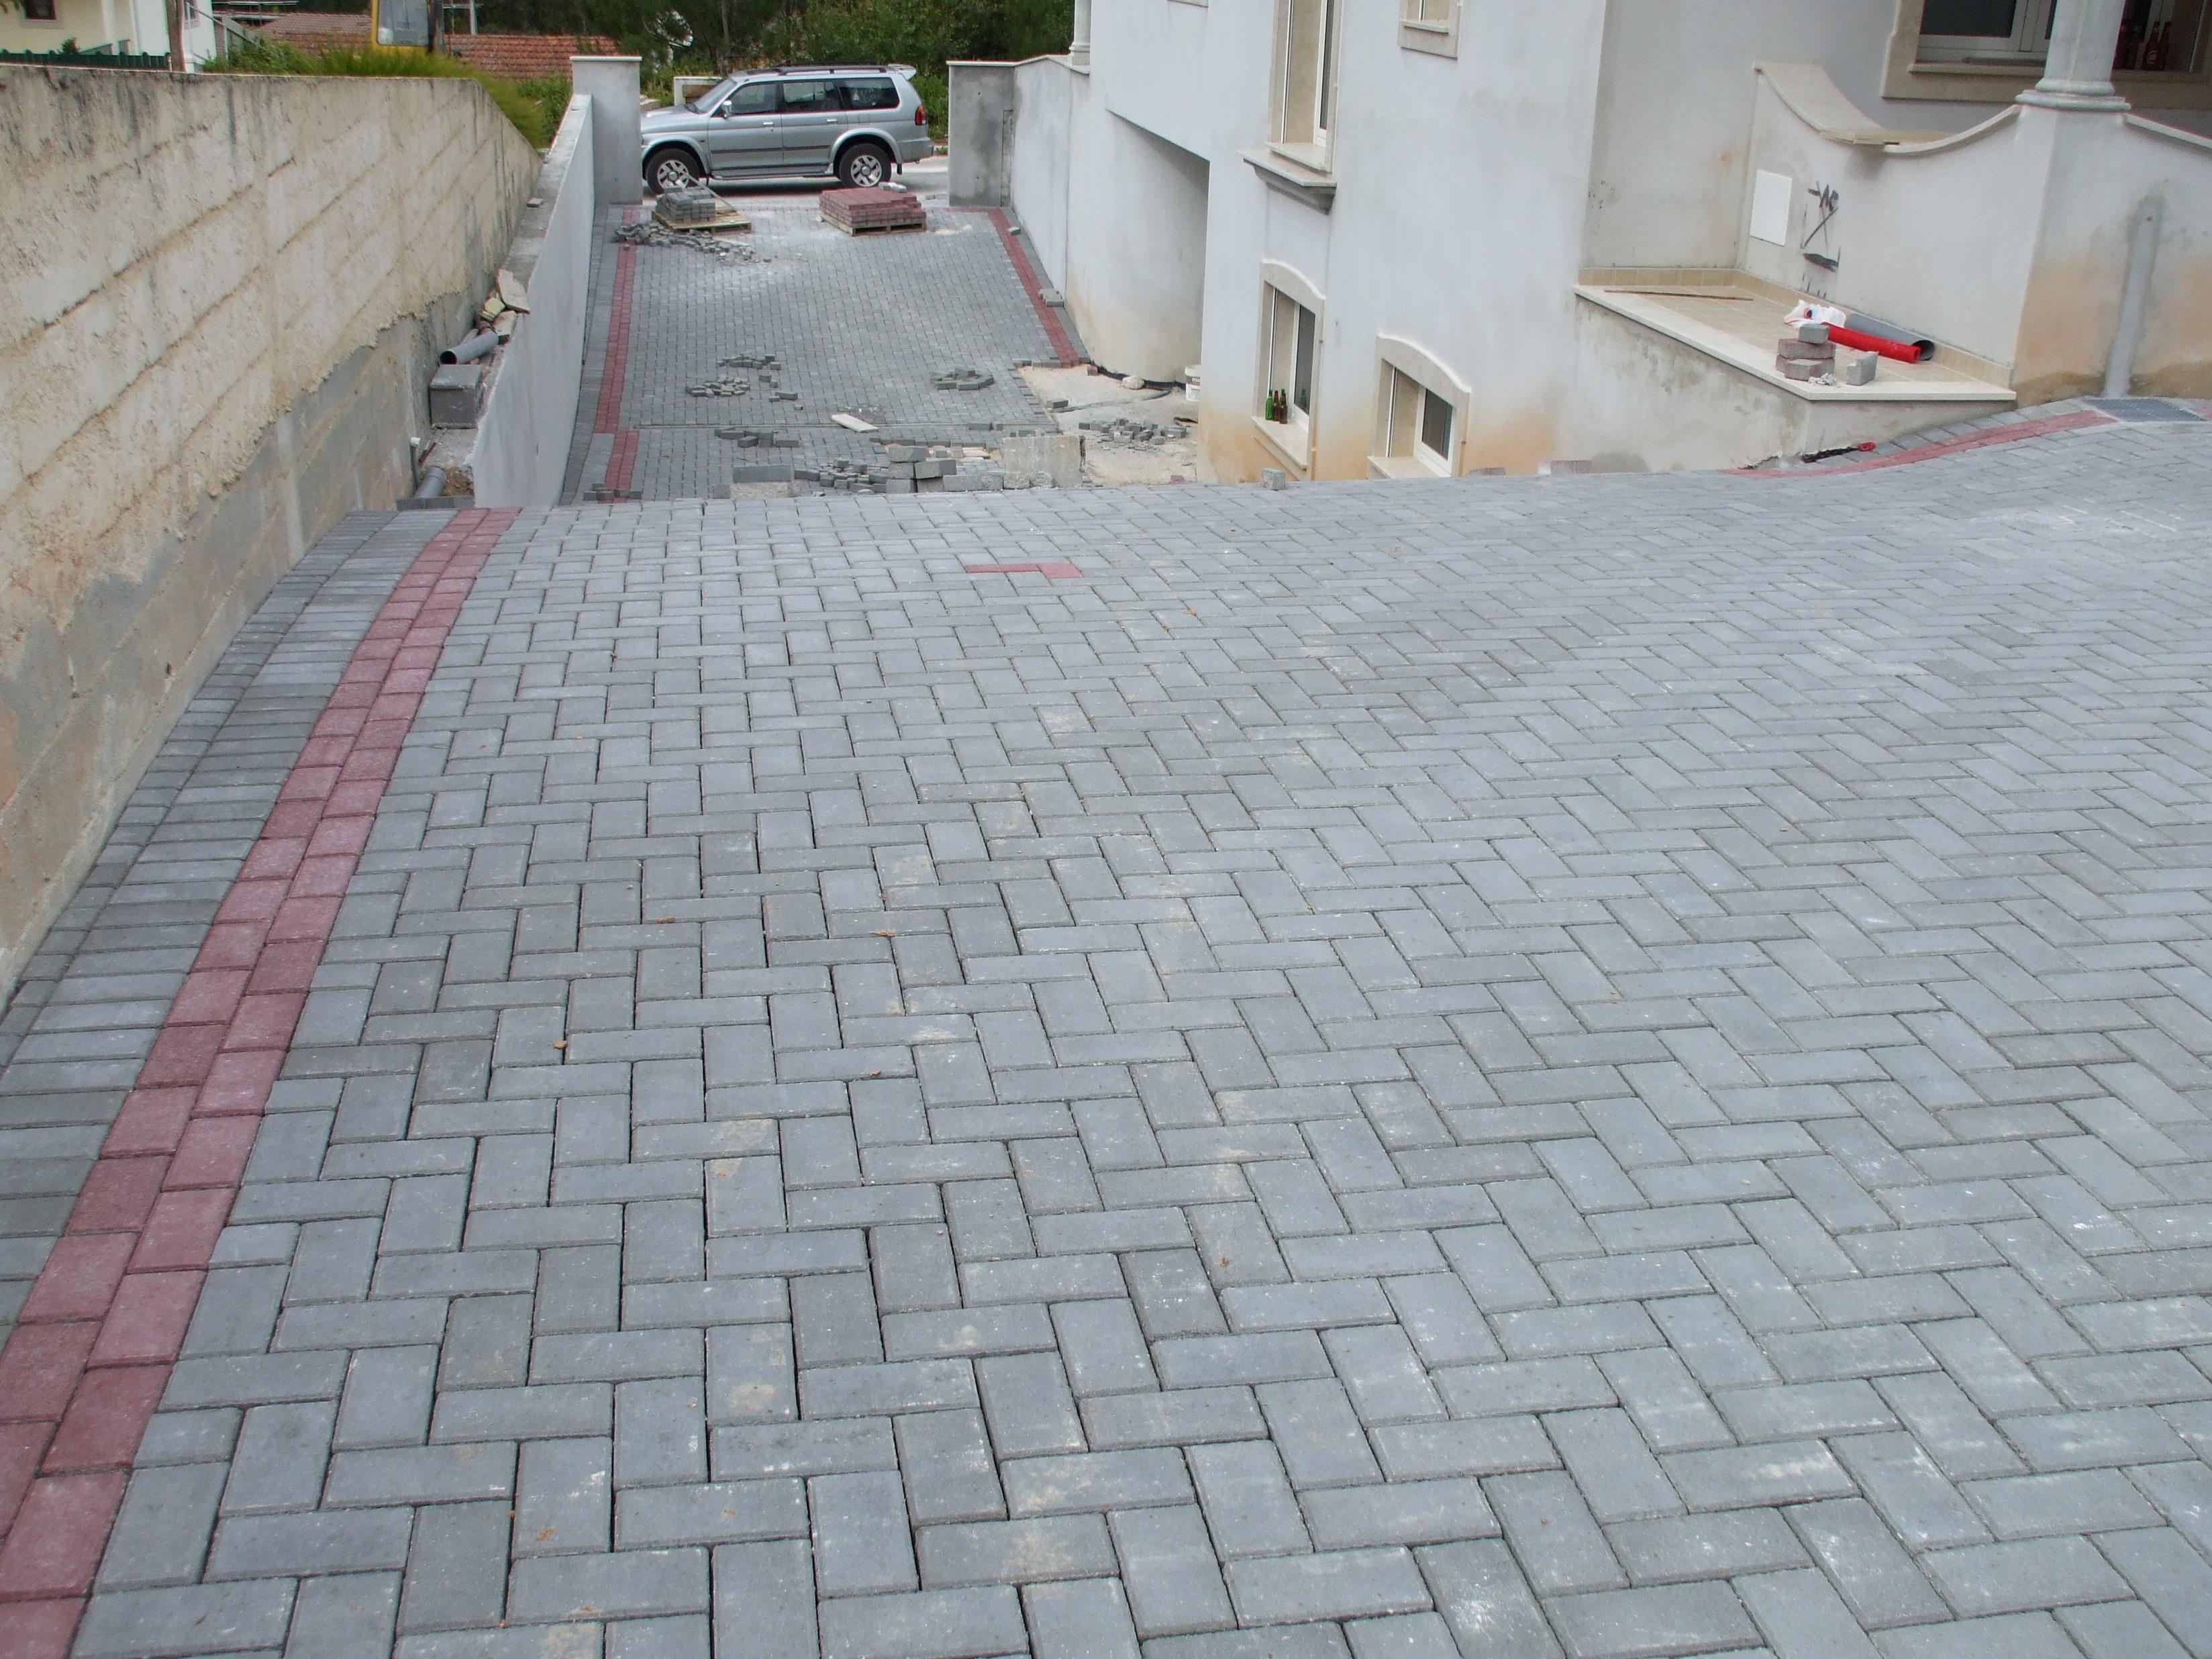 Pavimento exterior, calçada, pavê ou lajetas de betão? | Fórum da Casa